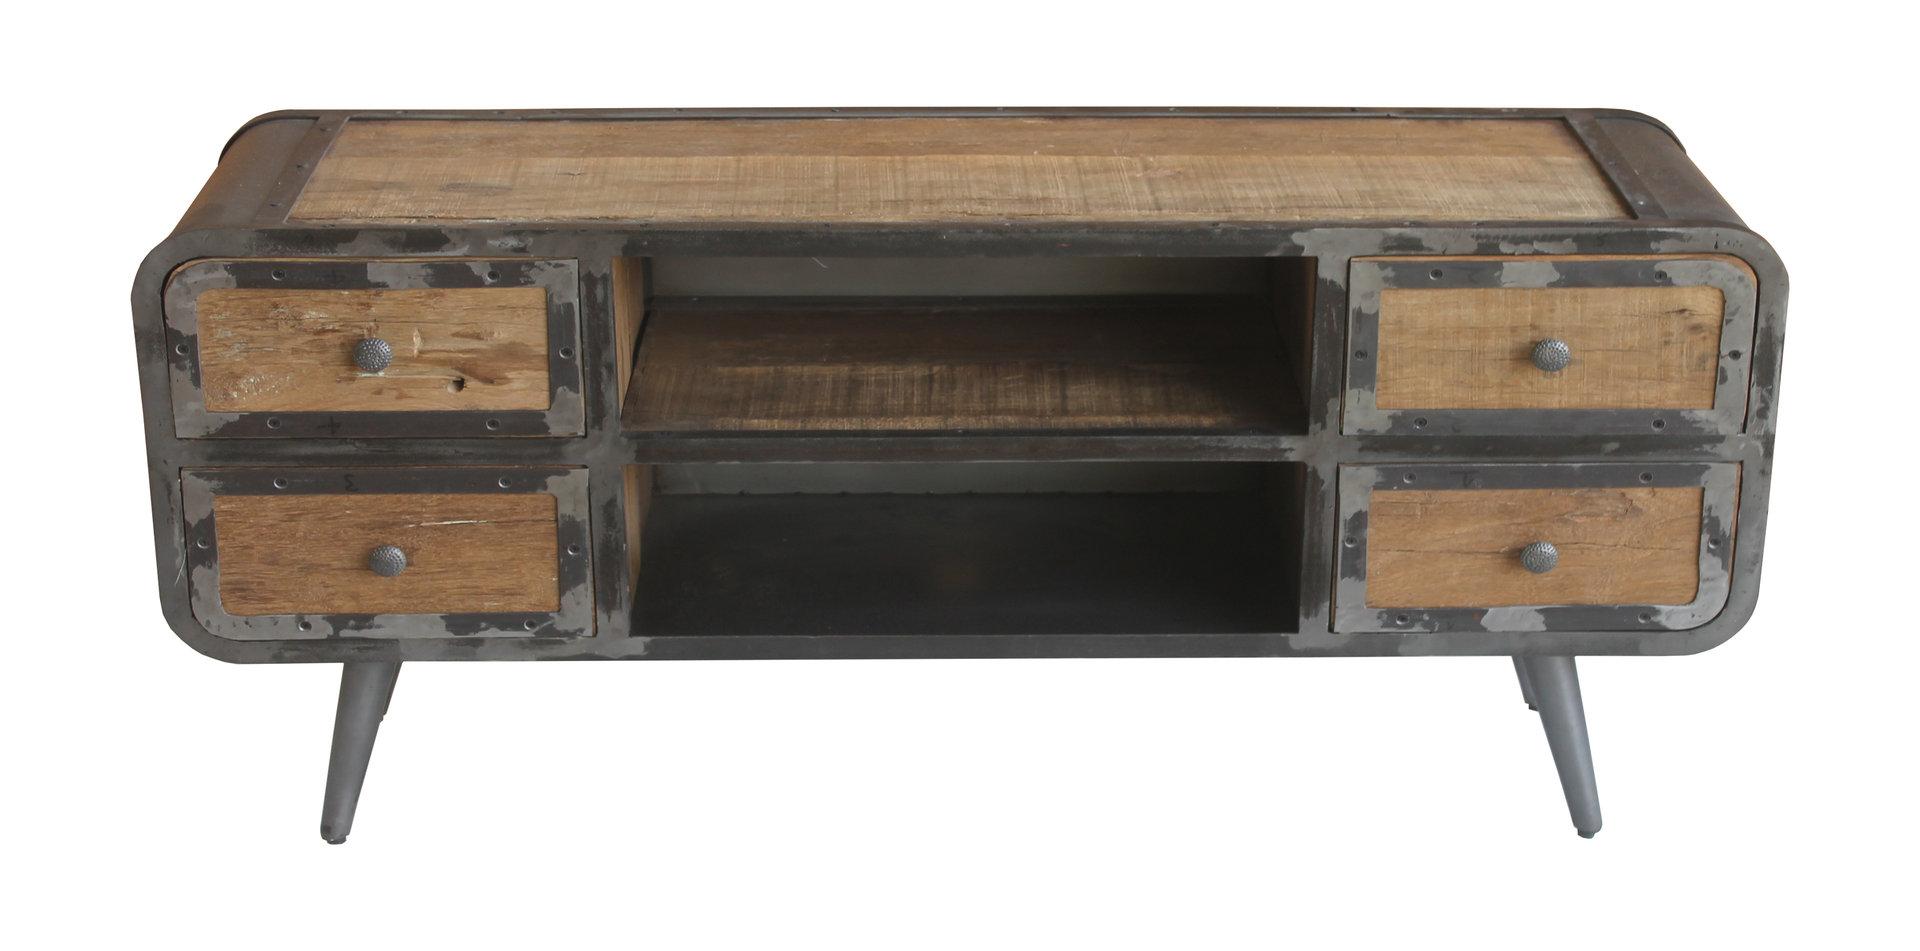 soho meuble tv 4t 130 cm cub 0 29 m3